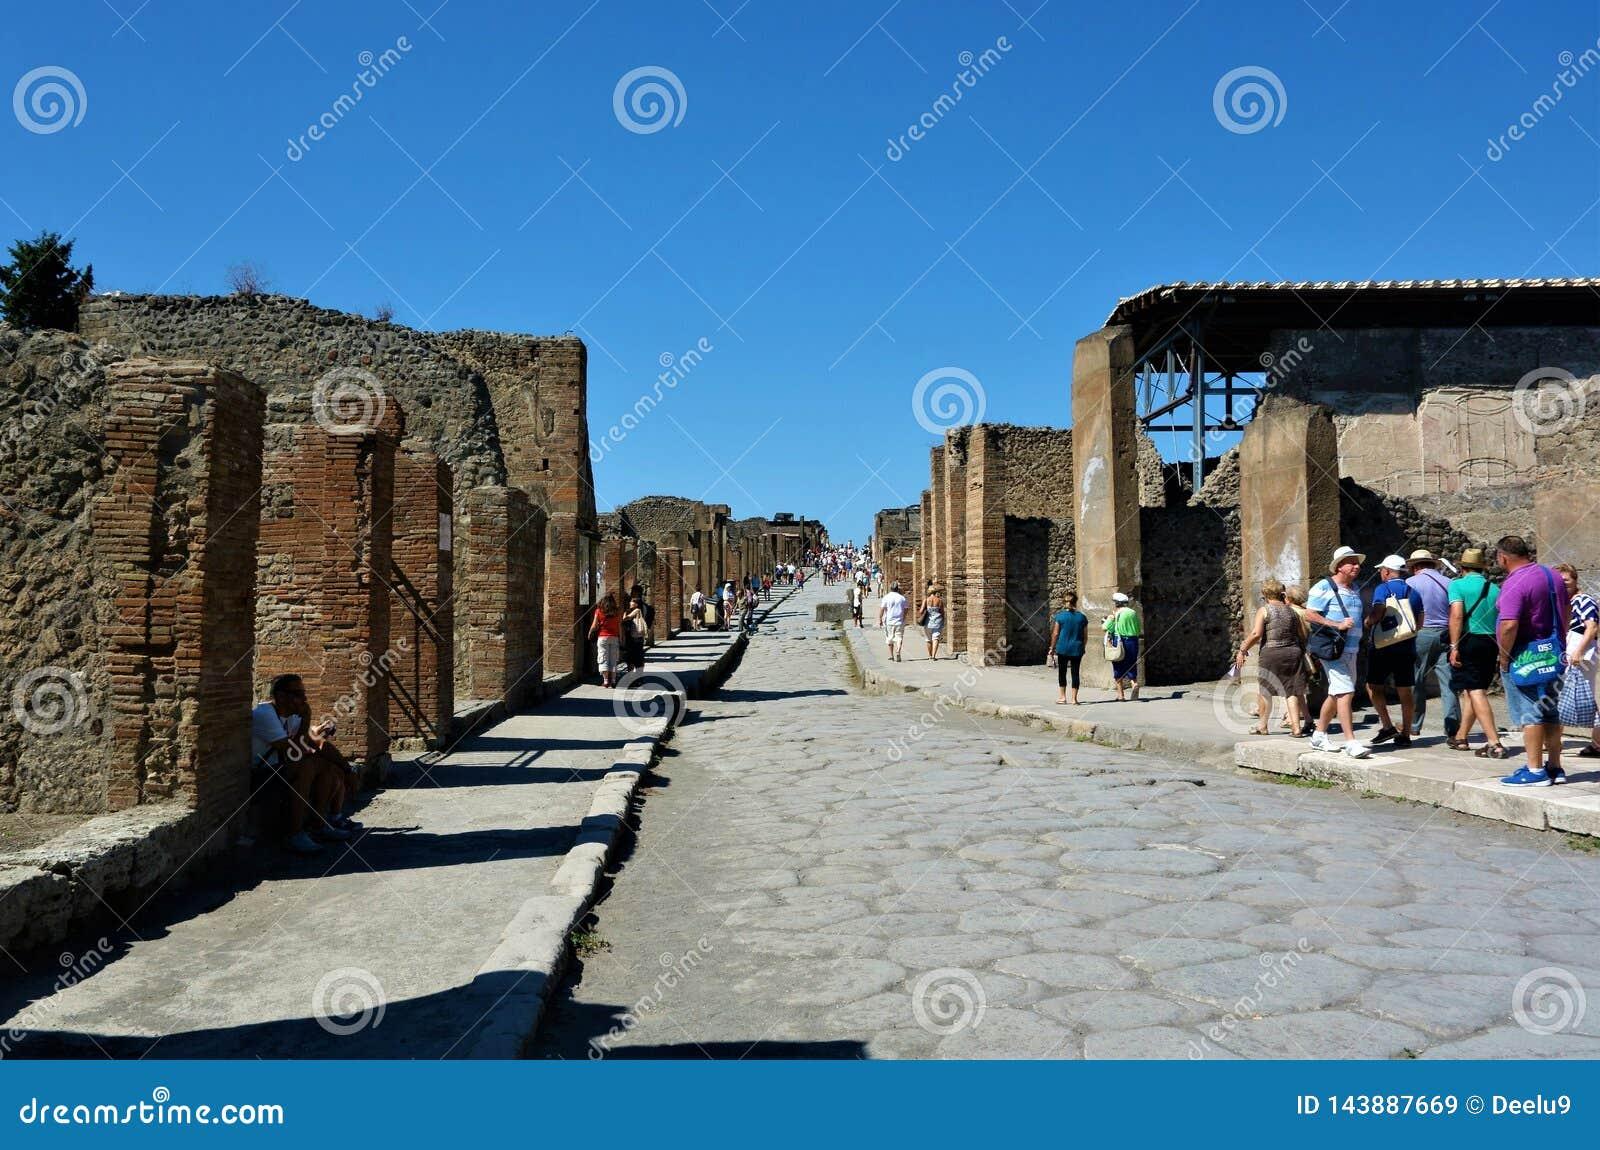 Rue dans la ville antique de Pompeii